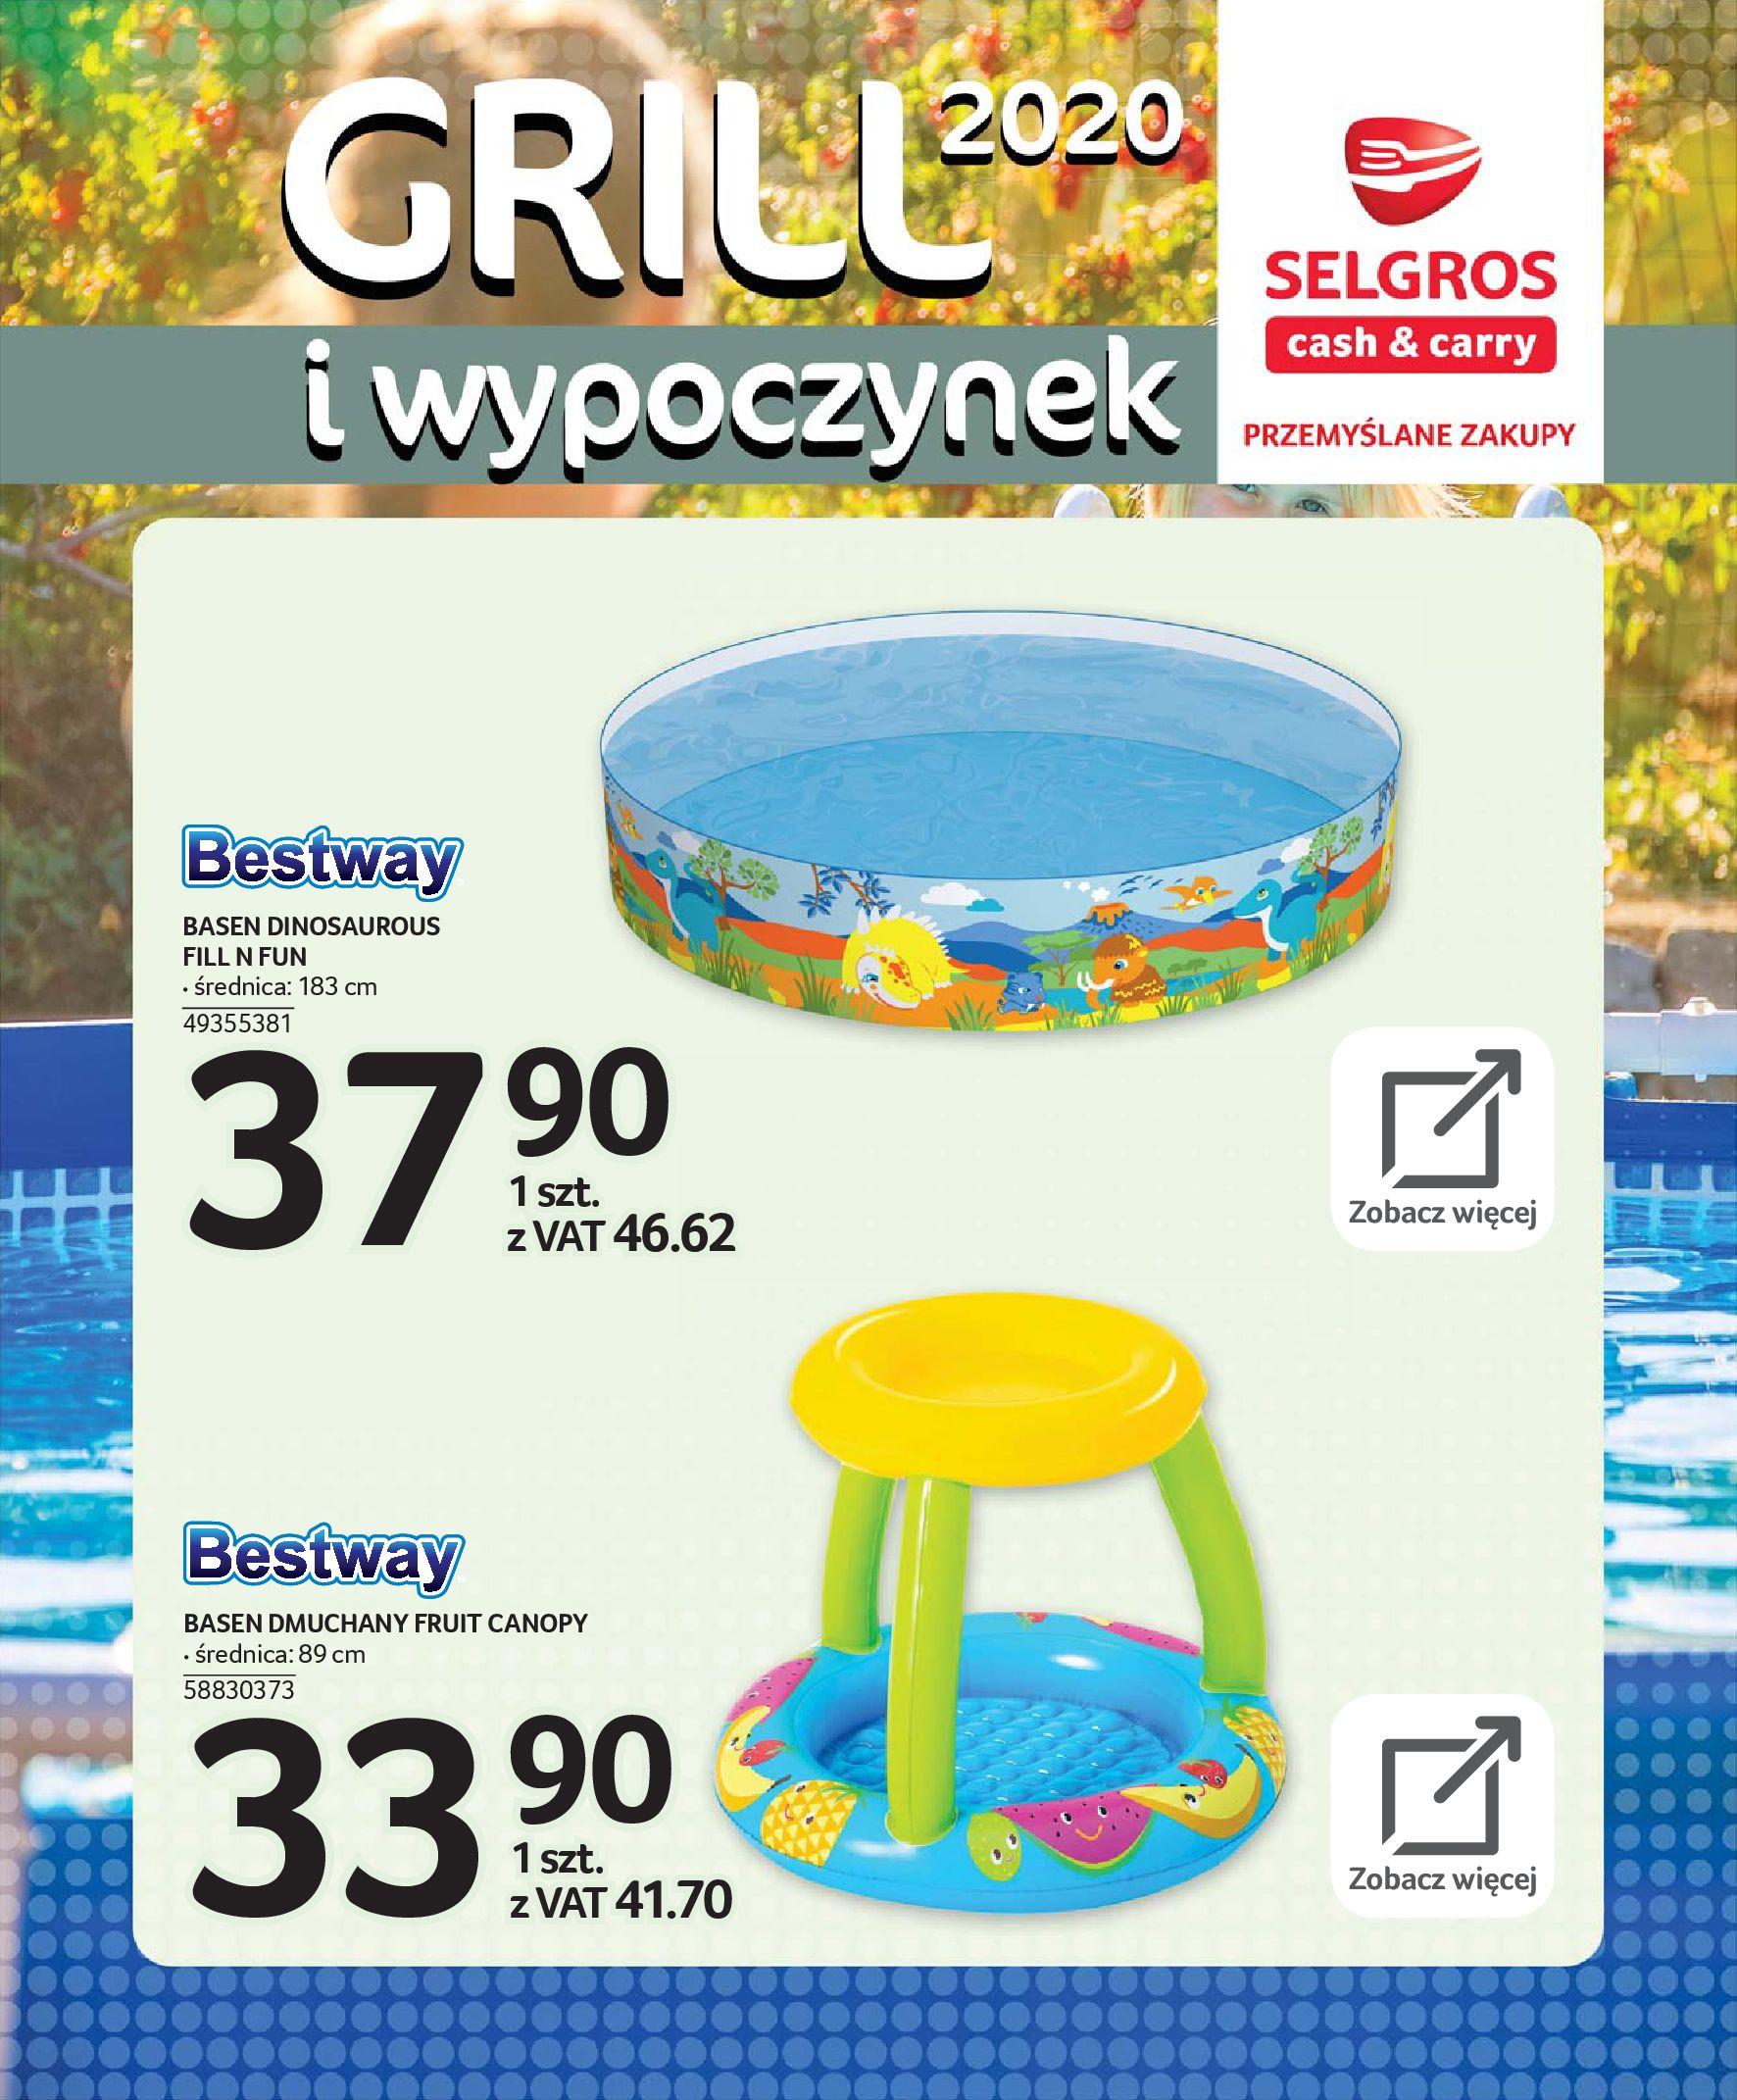 Gazetka Selgros - Katalog - Grill i wypoczynek-31.03.2020-31.08.2020-page-110